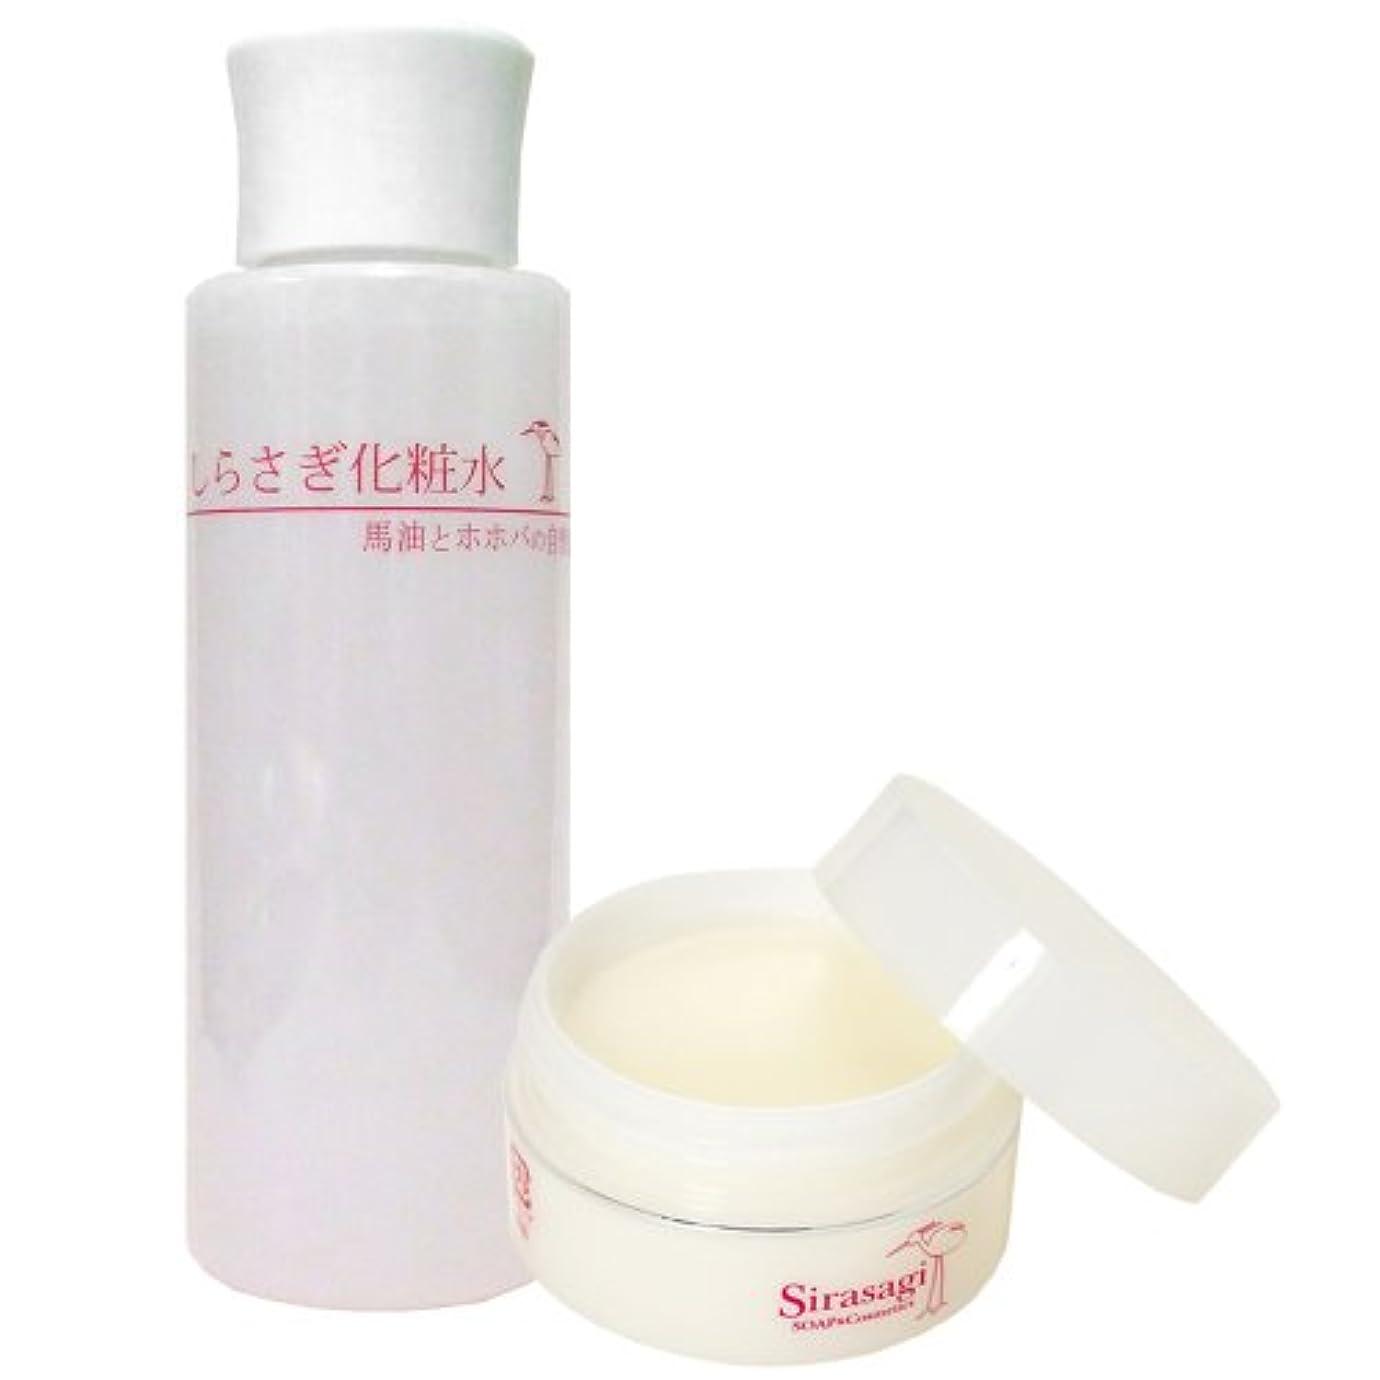 アダルト普遍的なレビュアーしらさぎクリーム(ラベンダーとローズウッドの香り)としらさぎ化粧水のセット